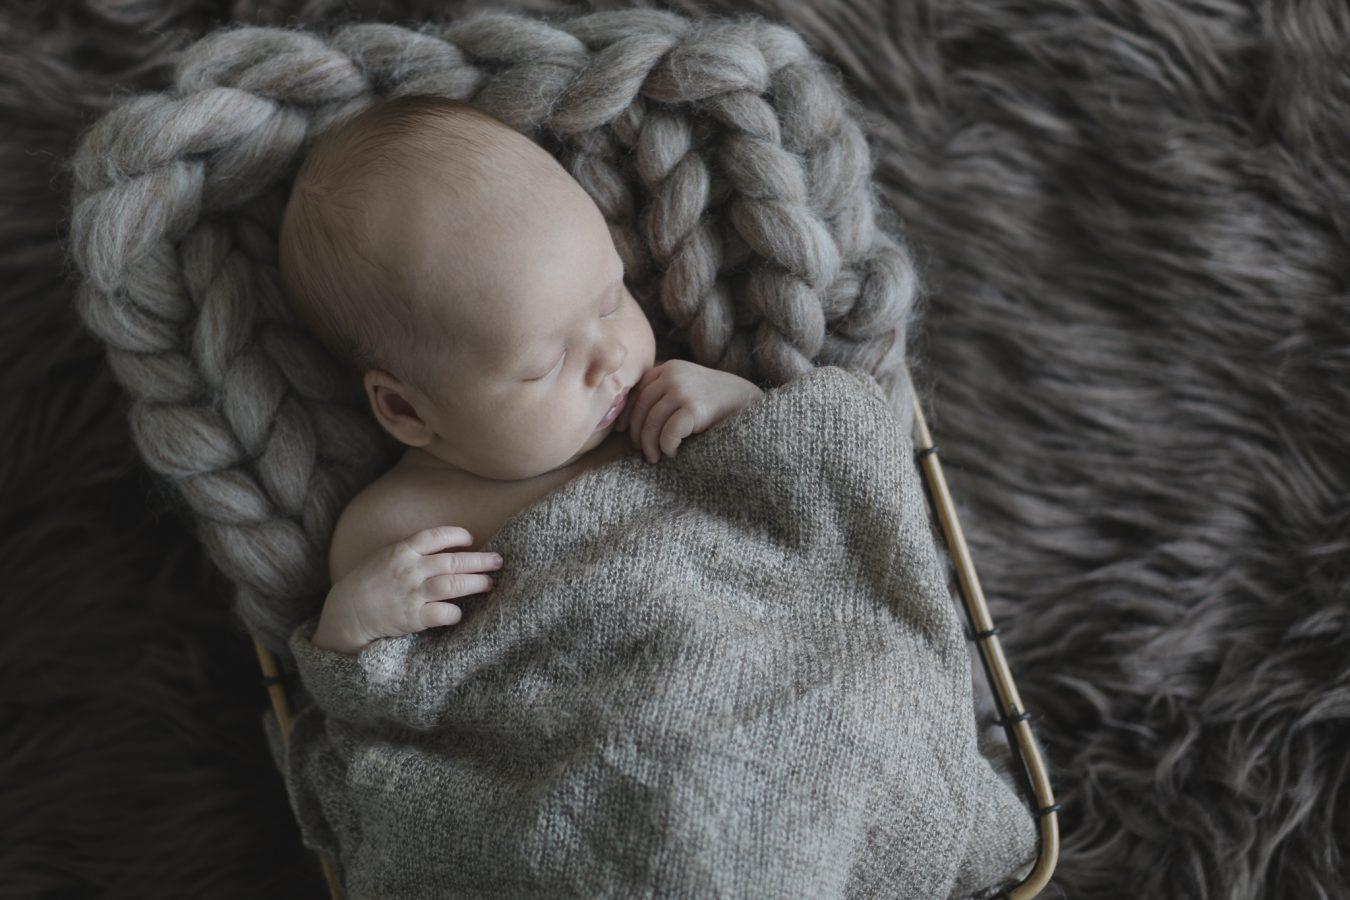 Babyfotograf Hamburg - Baby liegt in einem Körbchen und schläft